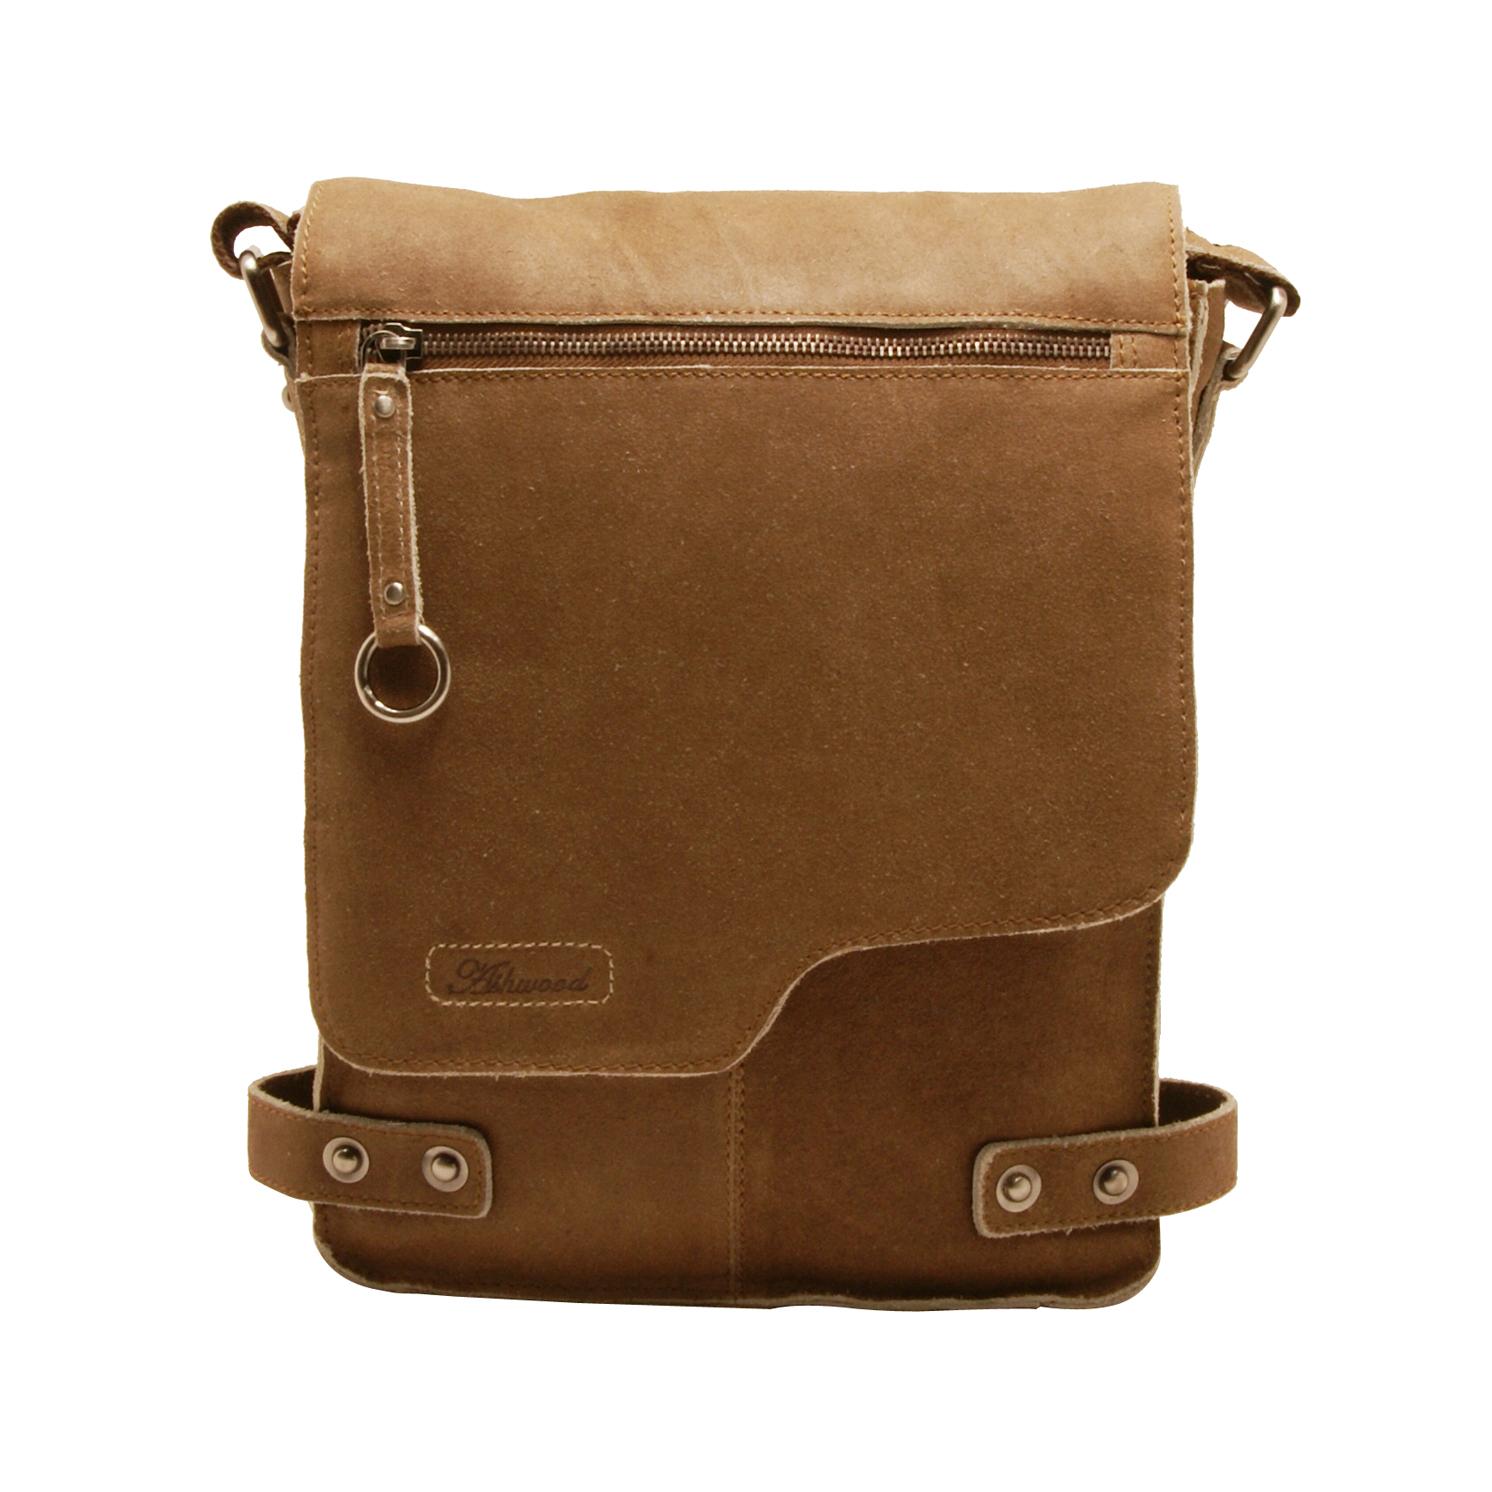 Ashwood – Antique Tan A4 Cow Vintage Leather Camden Messenger Bag